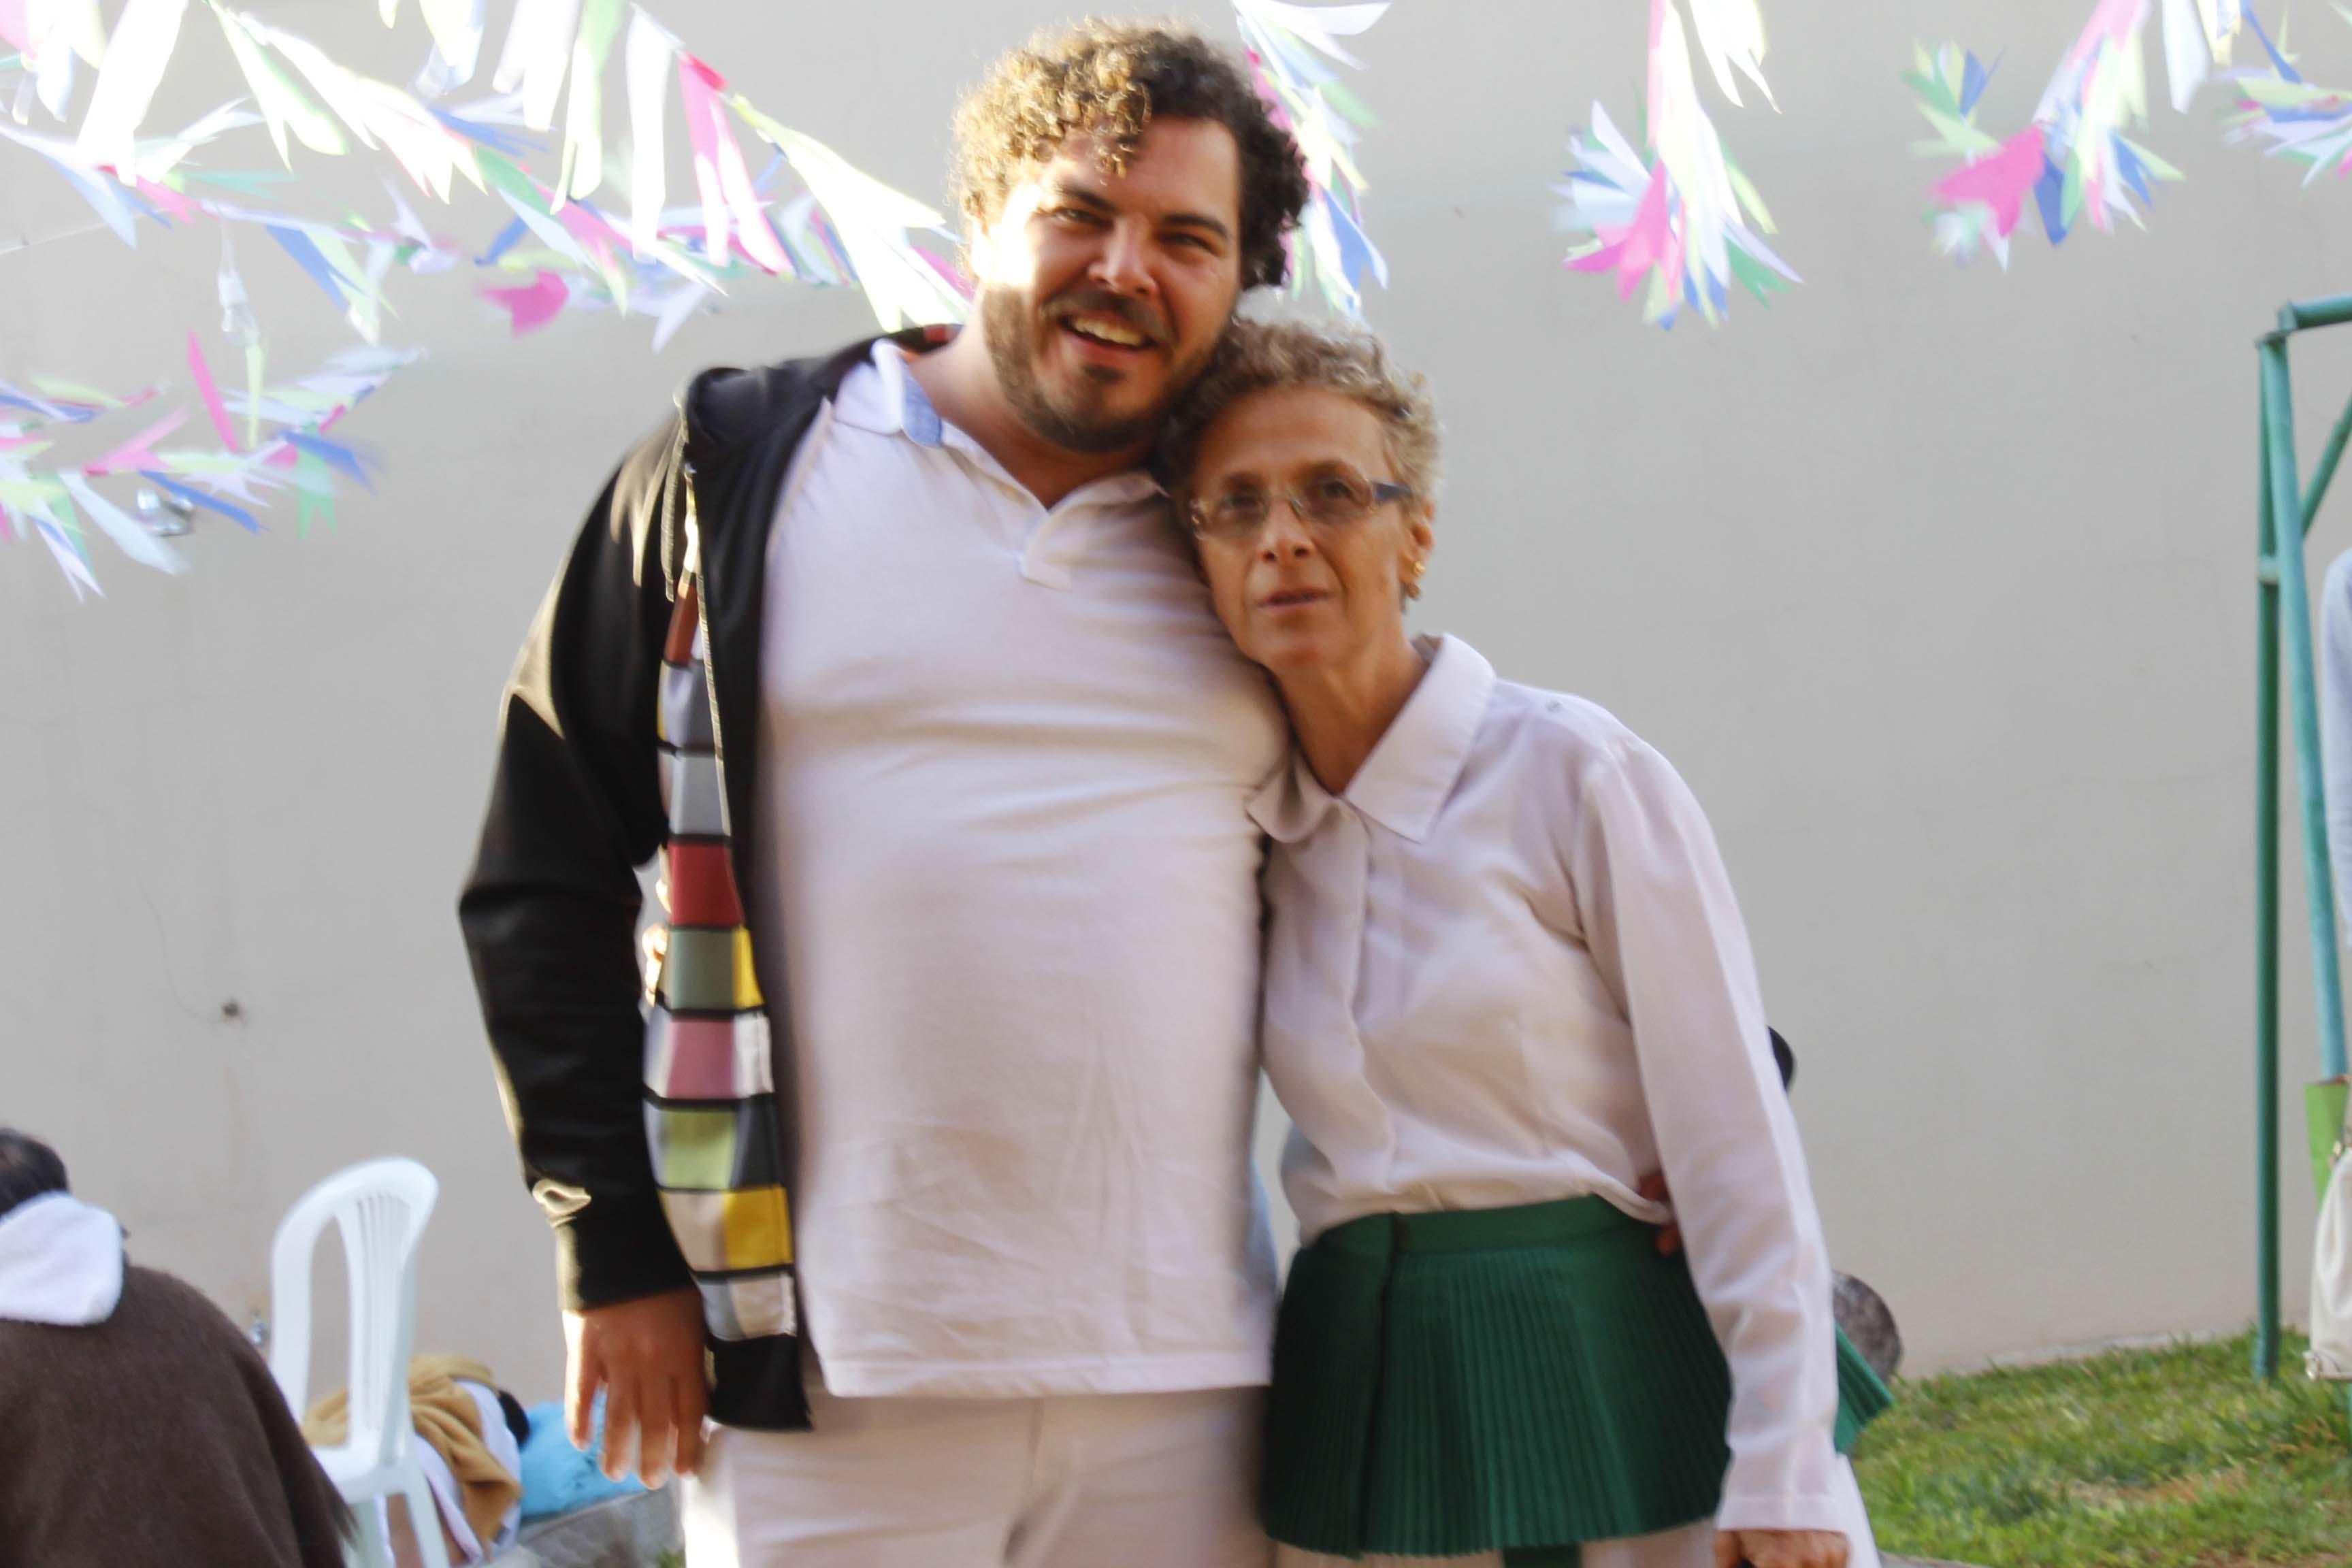 Festejos_de_São_João_2015_-_foto_Camila_Benez_-_12.jpg